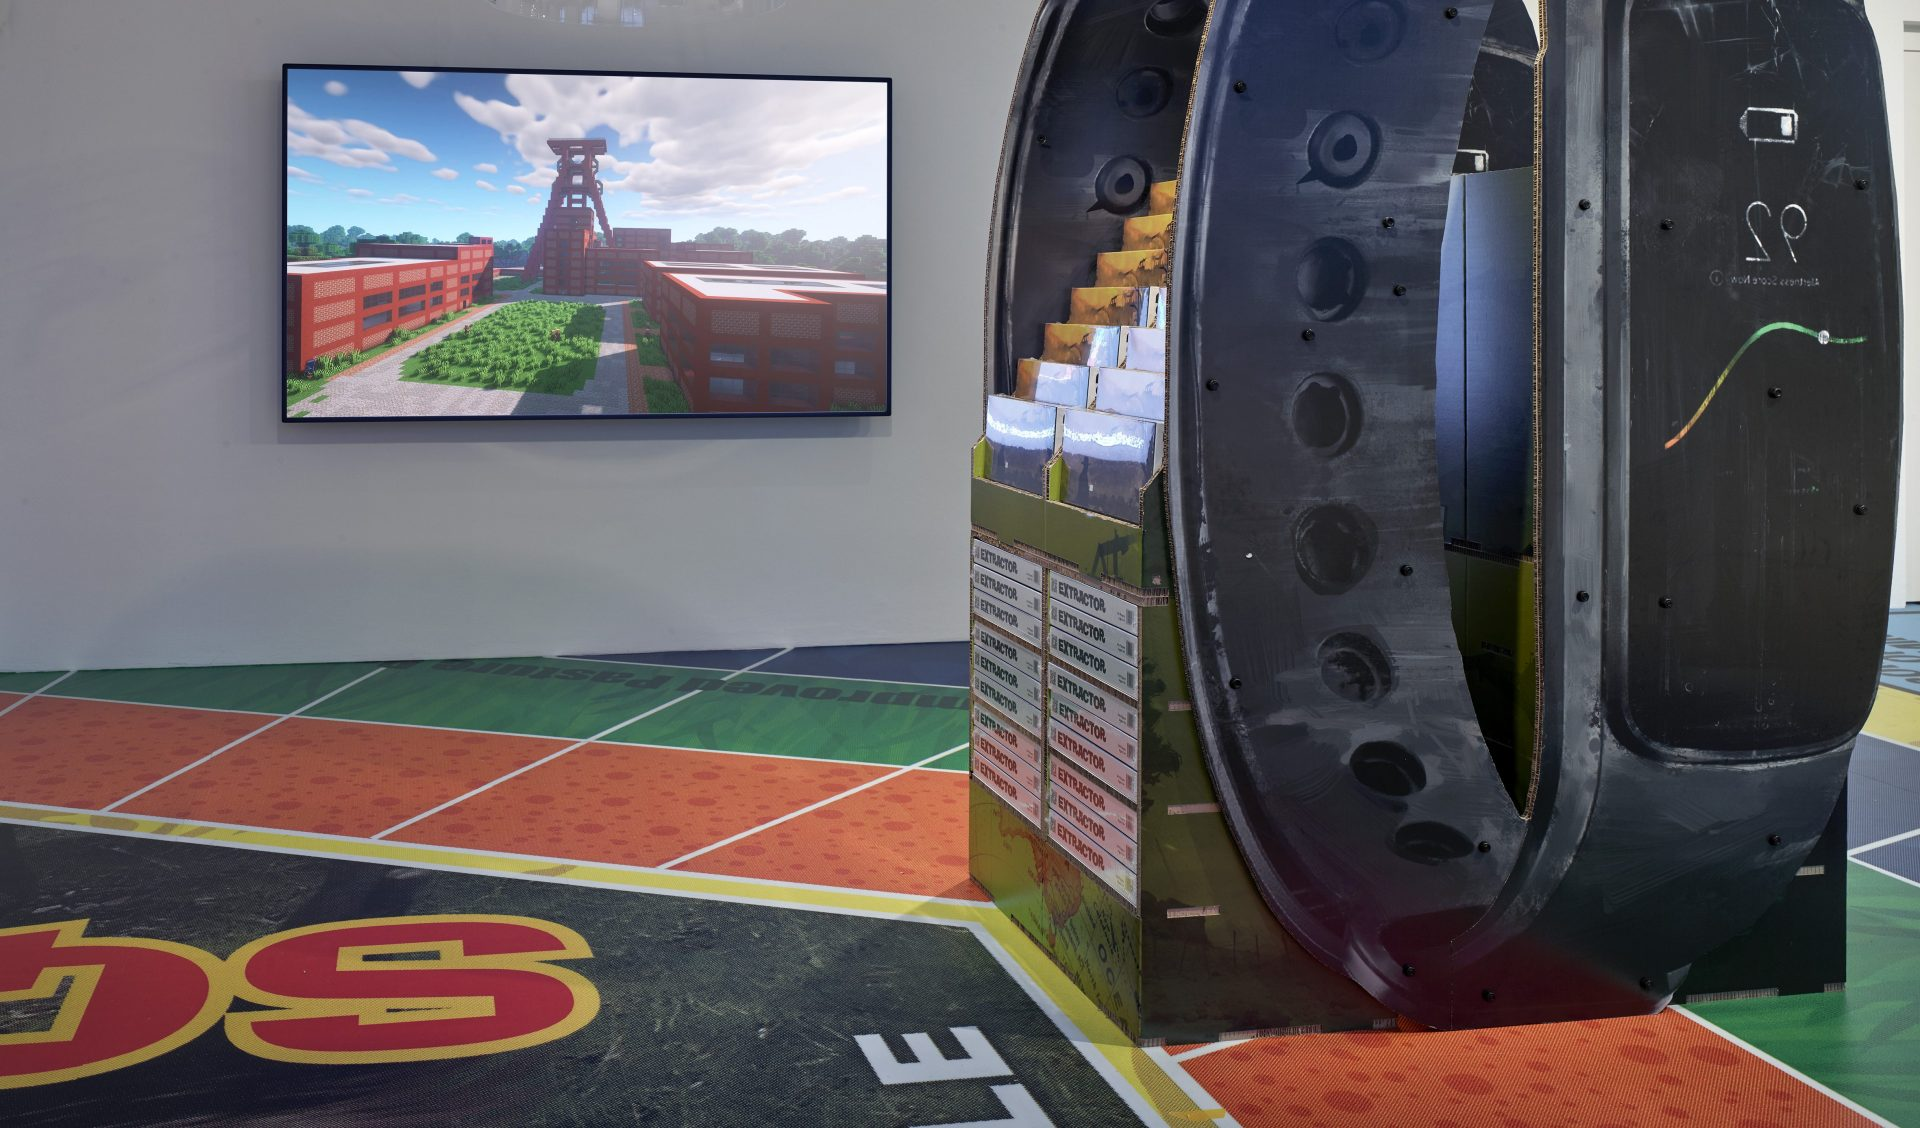 Die Wirklichkeit virtuell